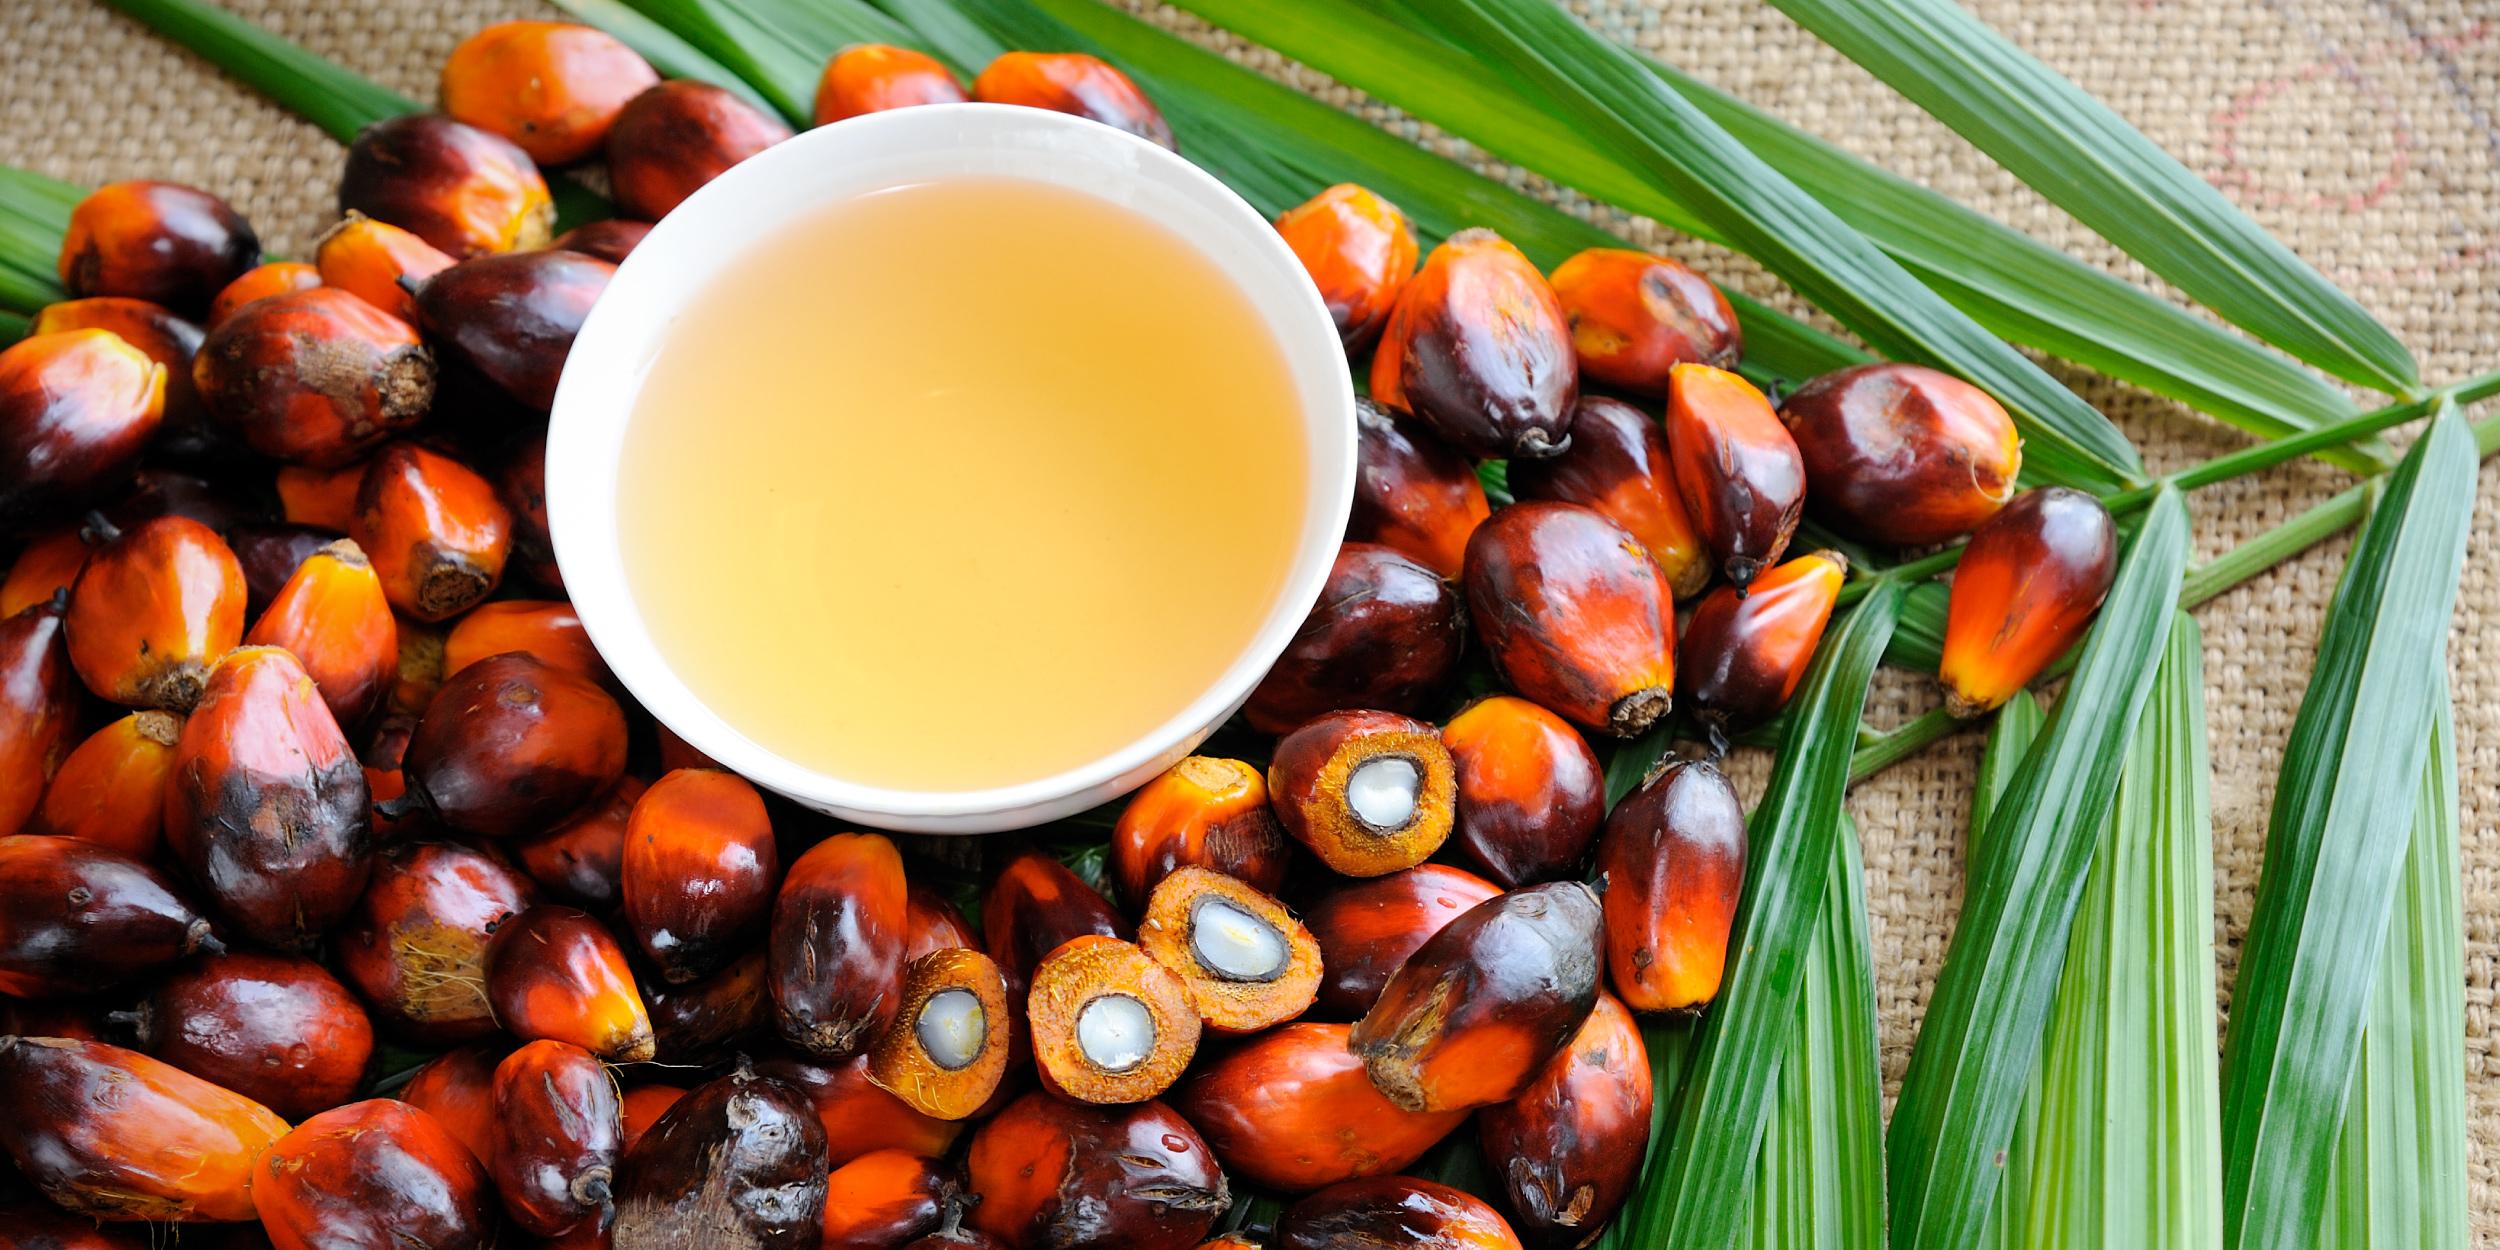 Всё, что вы хотели знать о пальмовом масле, но боялись спросить